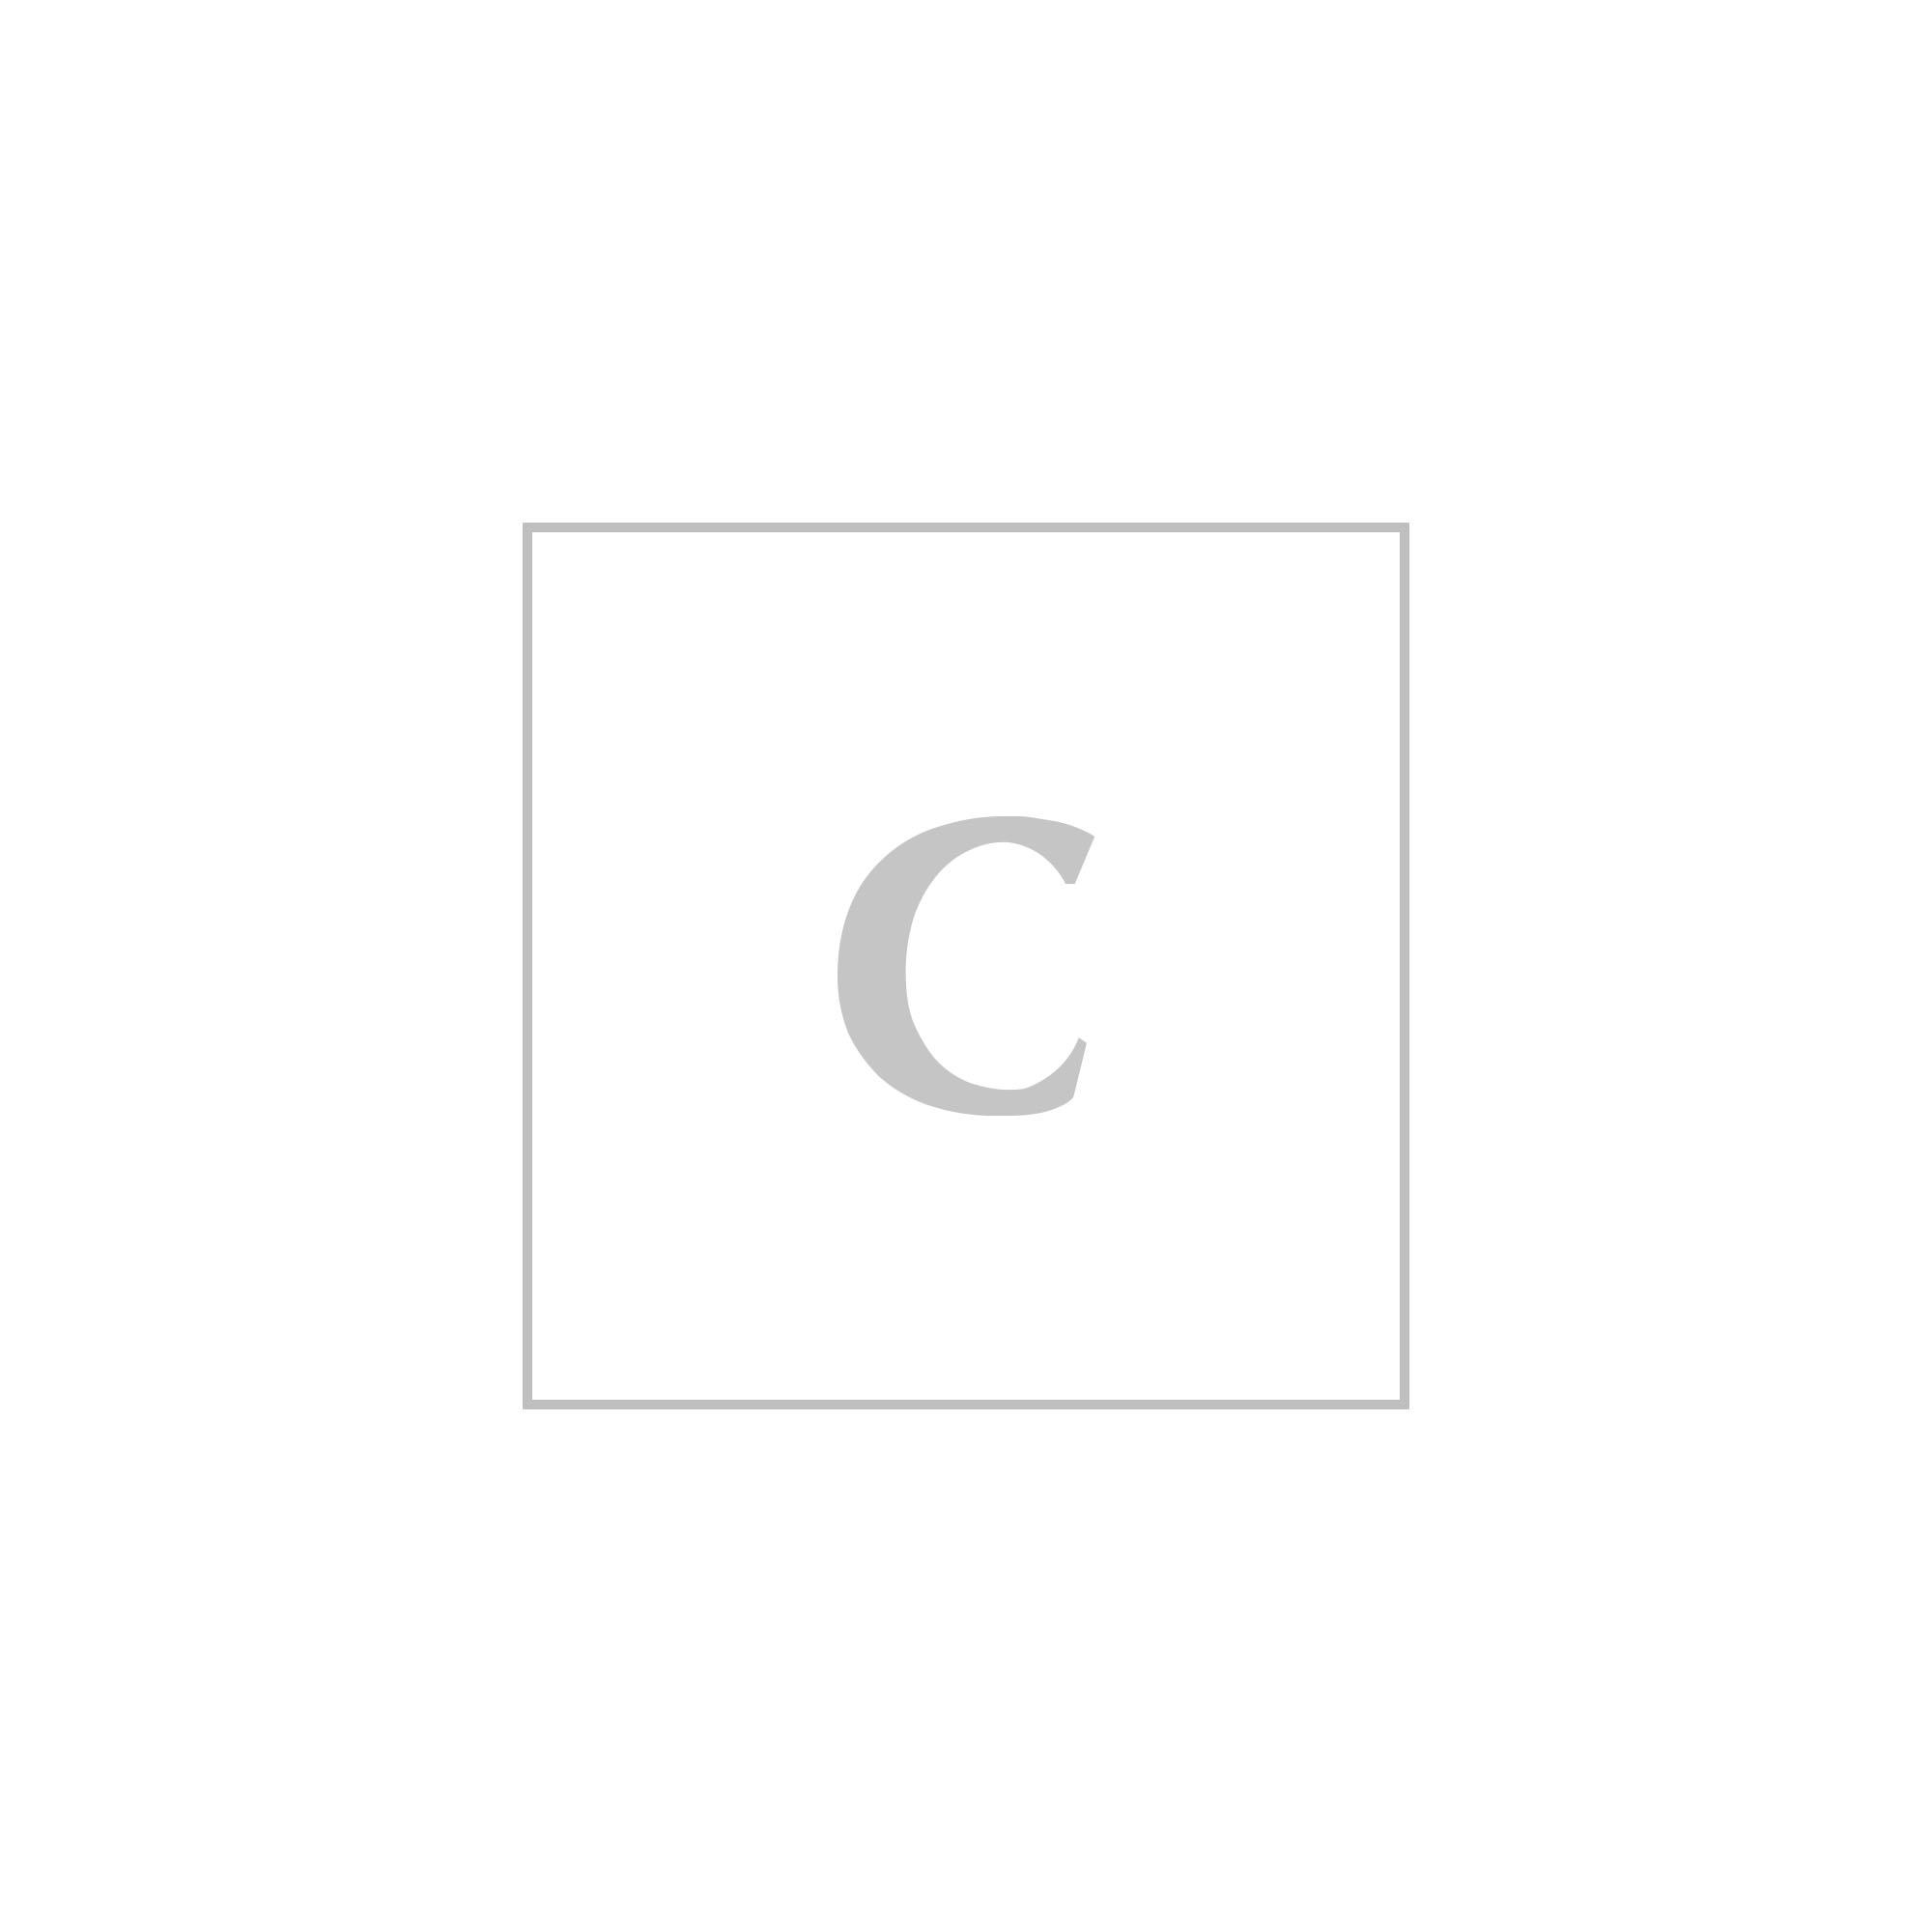 Salvatore ferragamo p.foglio 227121 009 tissu soft squadrato